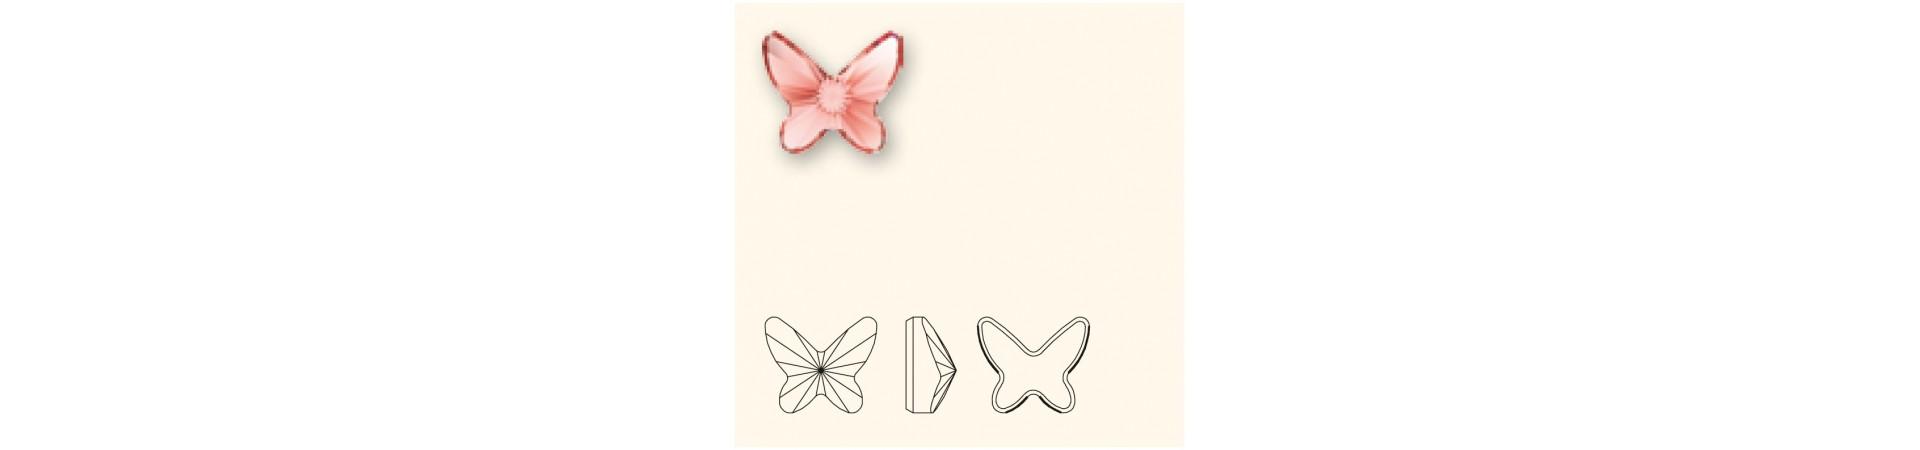 2854 Butterfly Flat Back